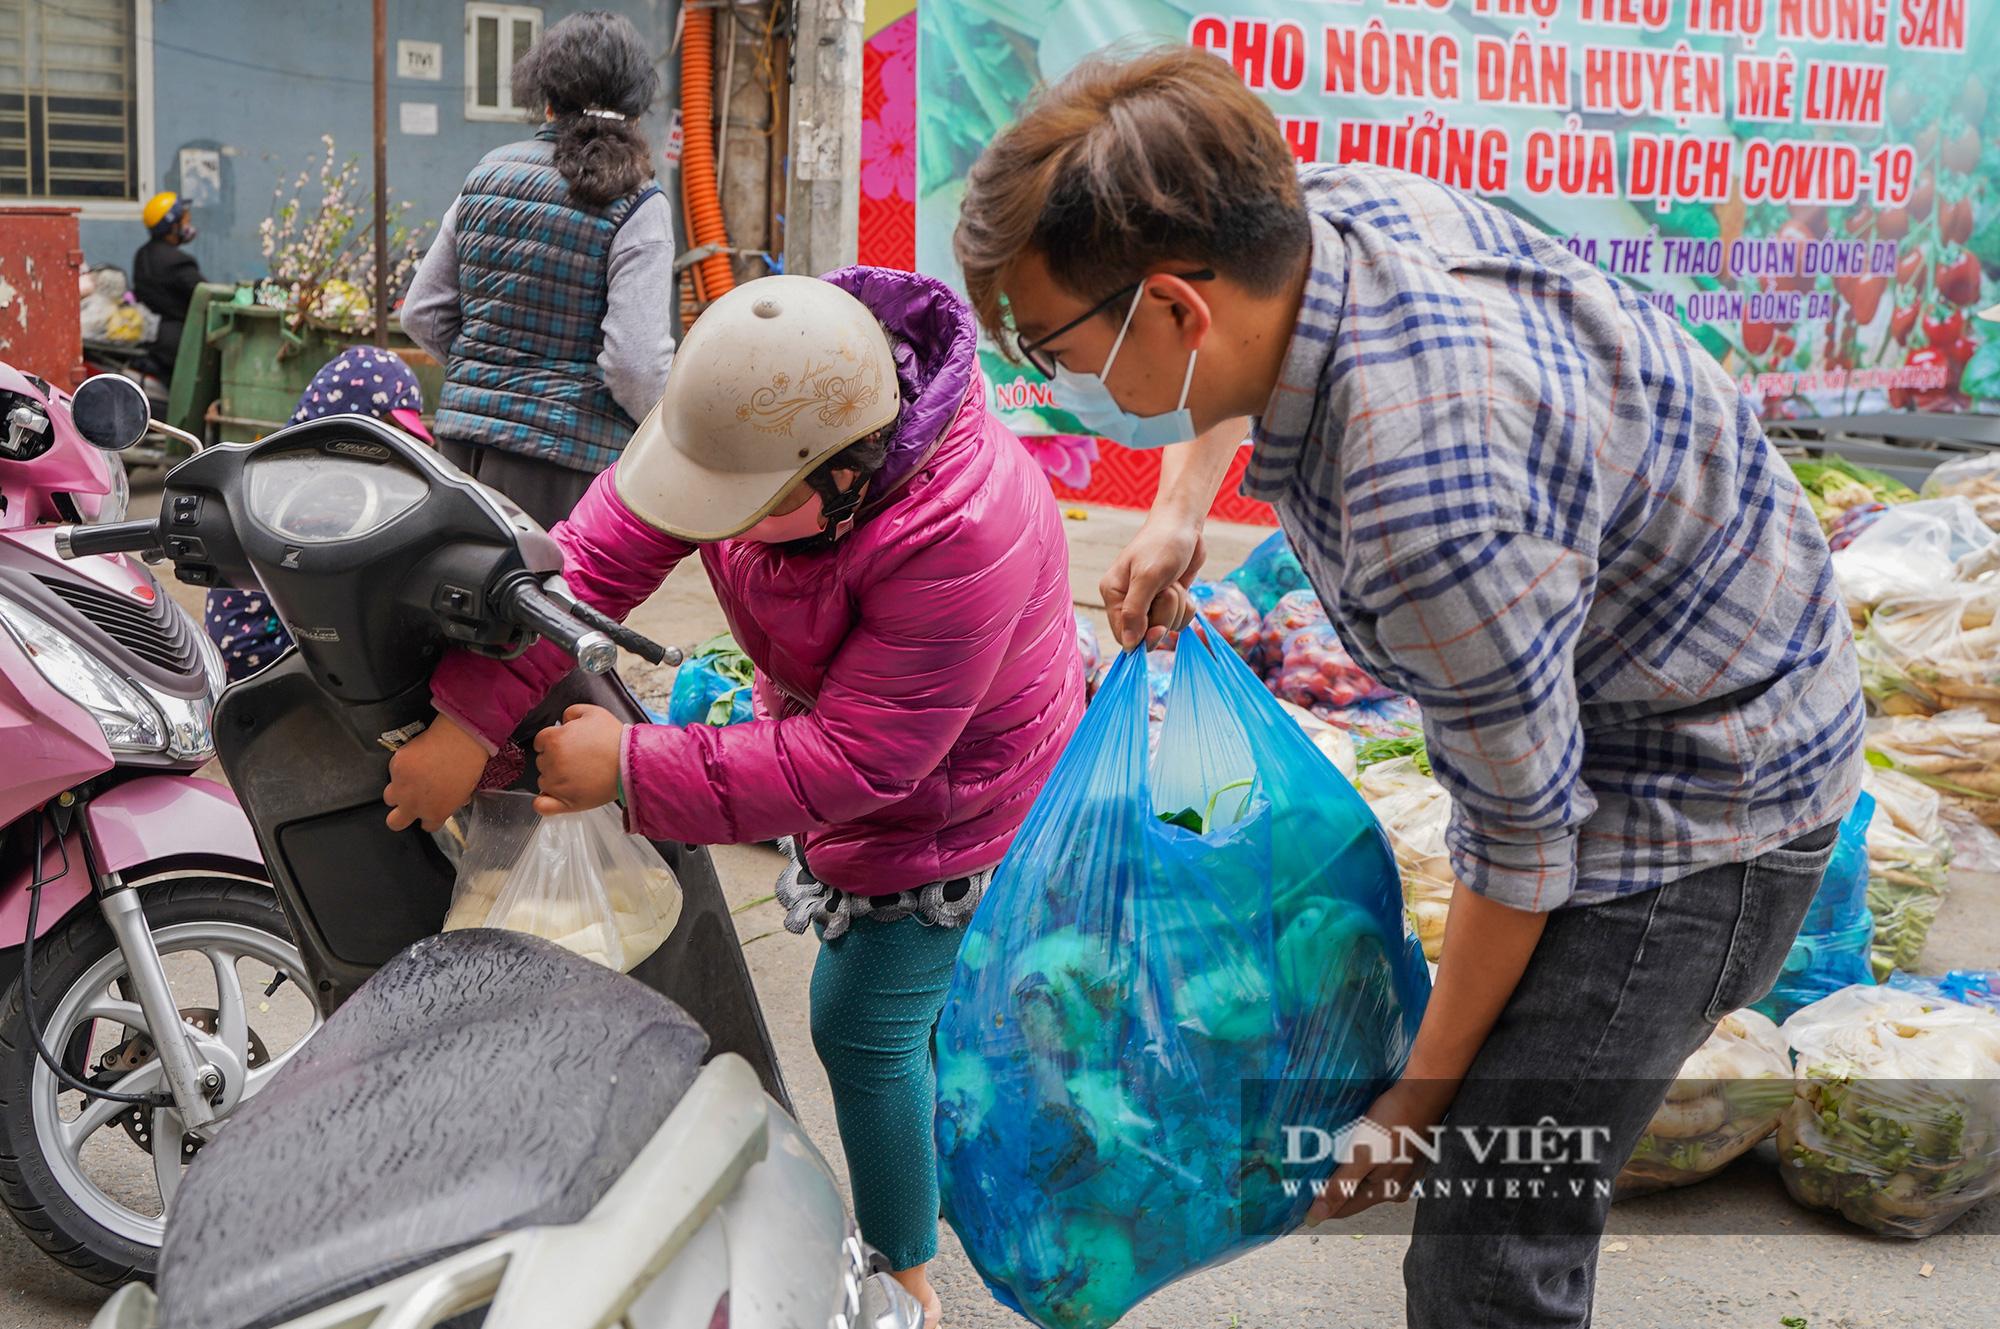 Hơn 4 tấn nông sản ở Mê Linh được giải cứu trong sáng nay - Ảnh 11.